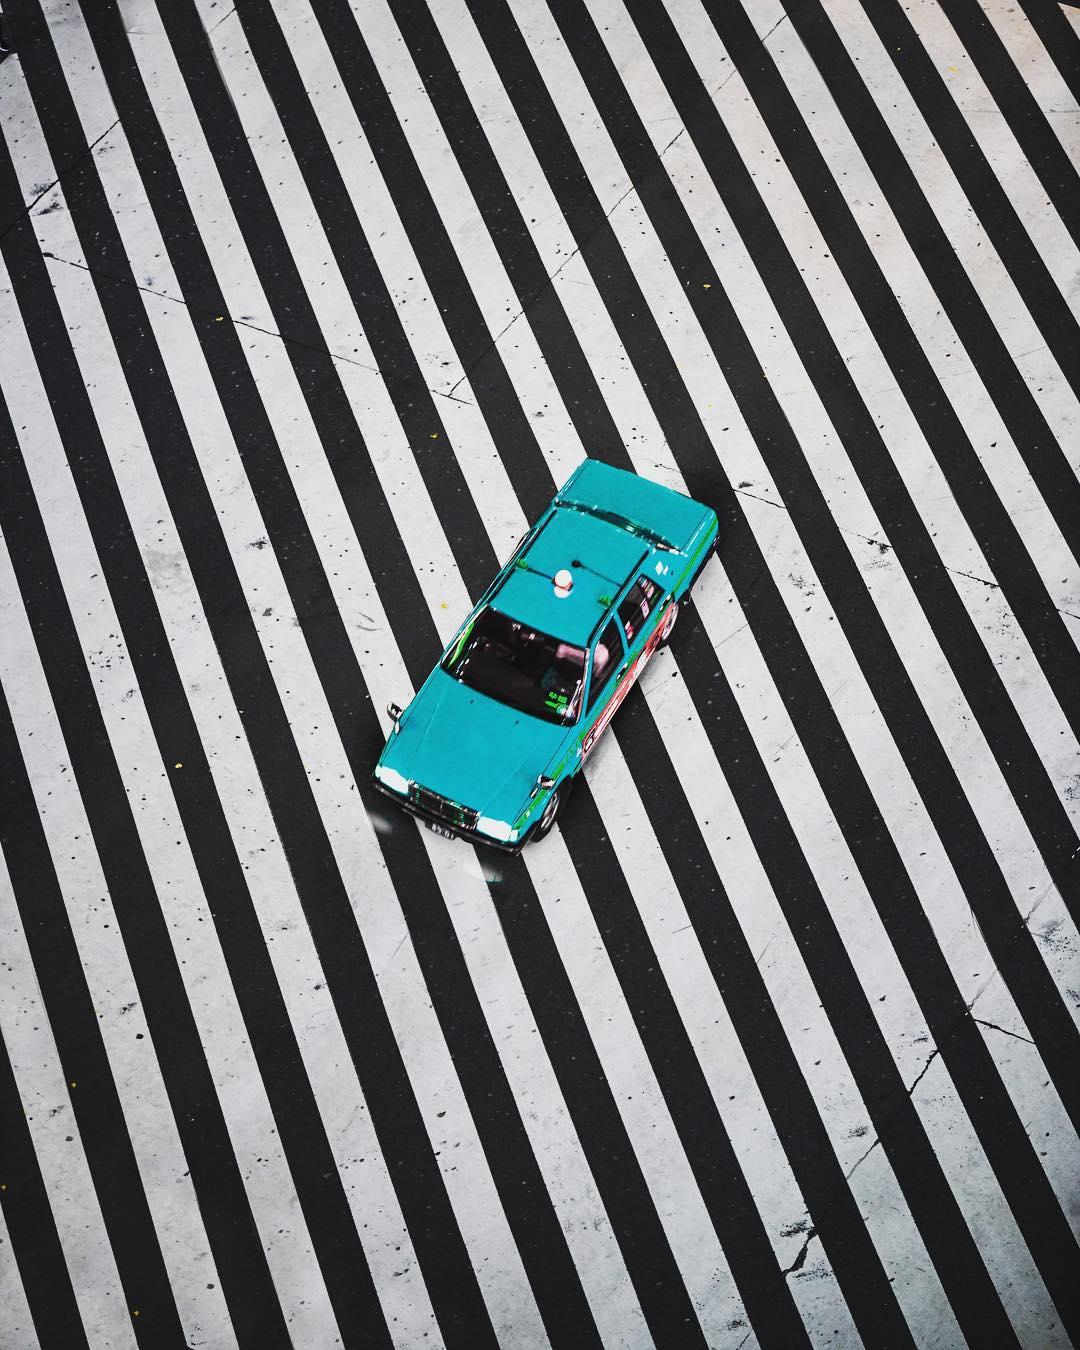 Городские пейзажи и аэроснимки от Тома Лиса